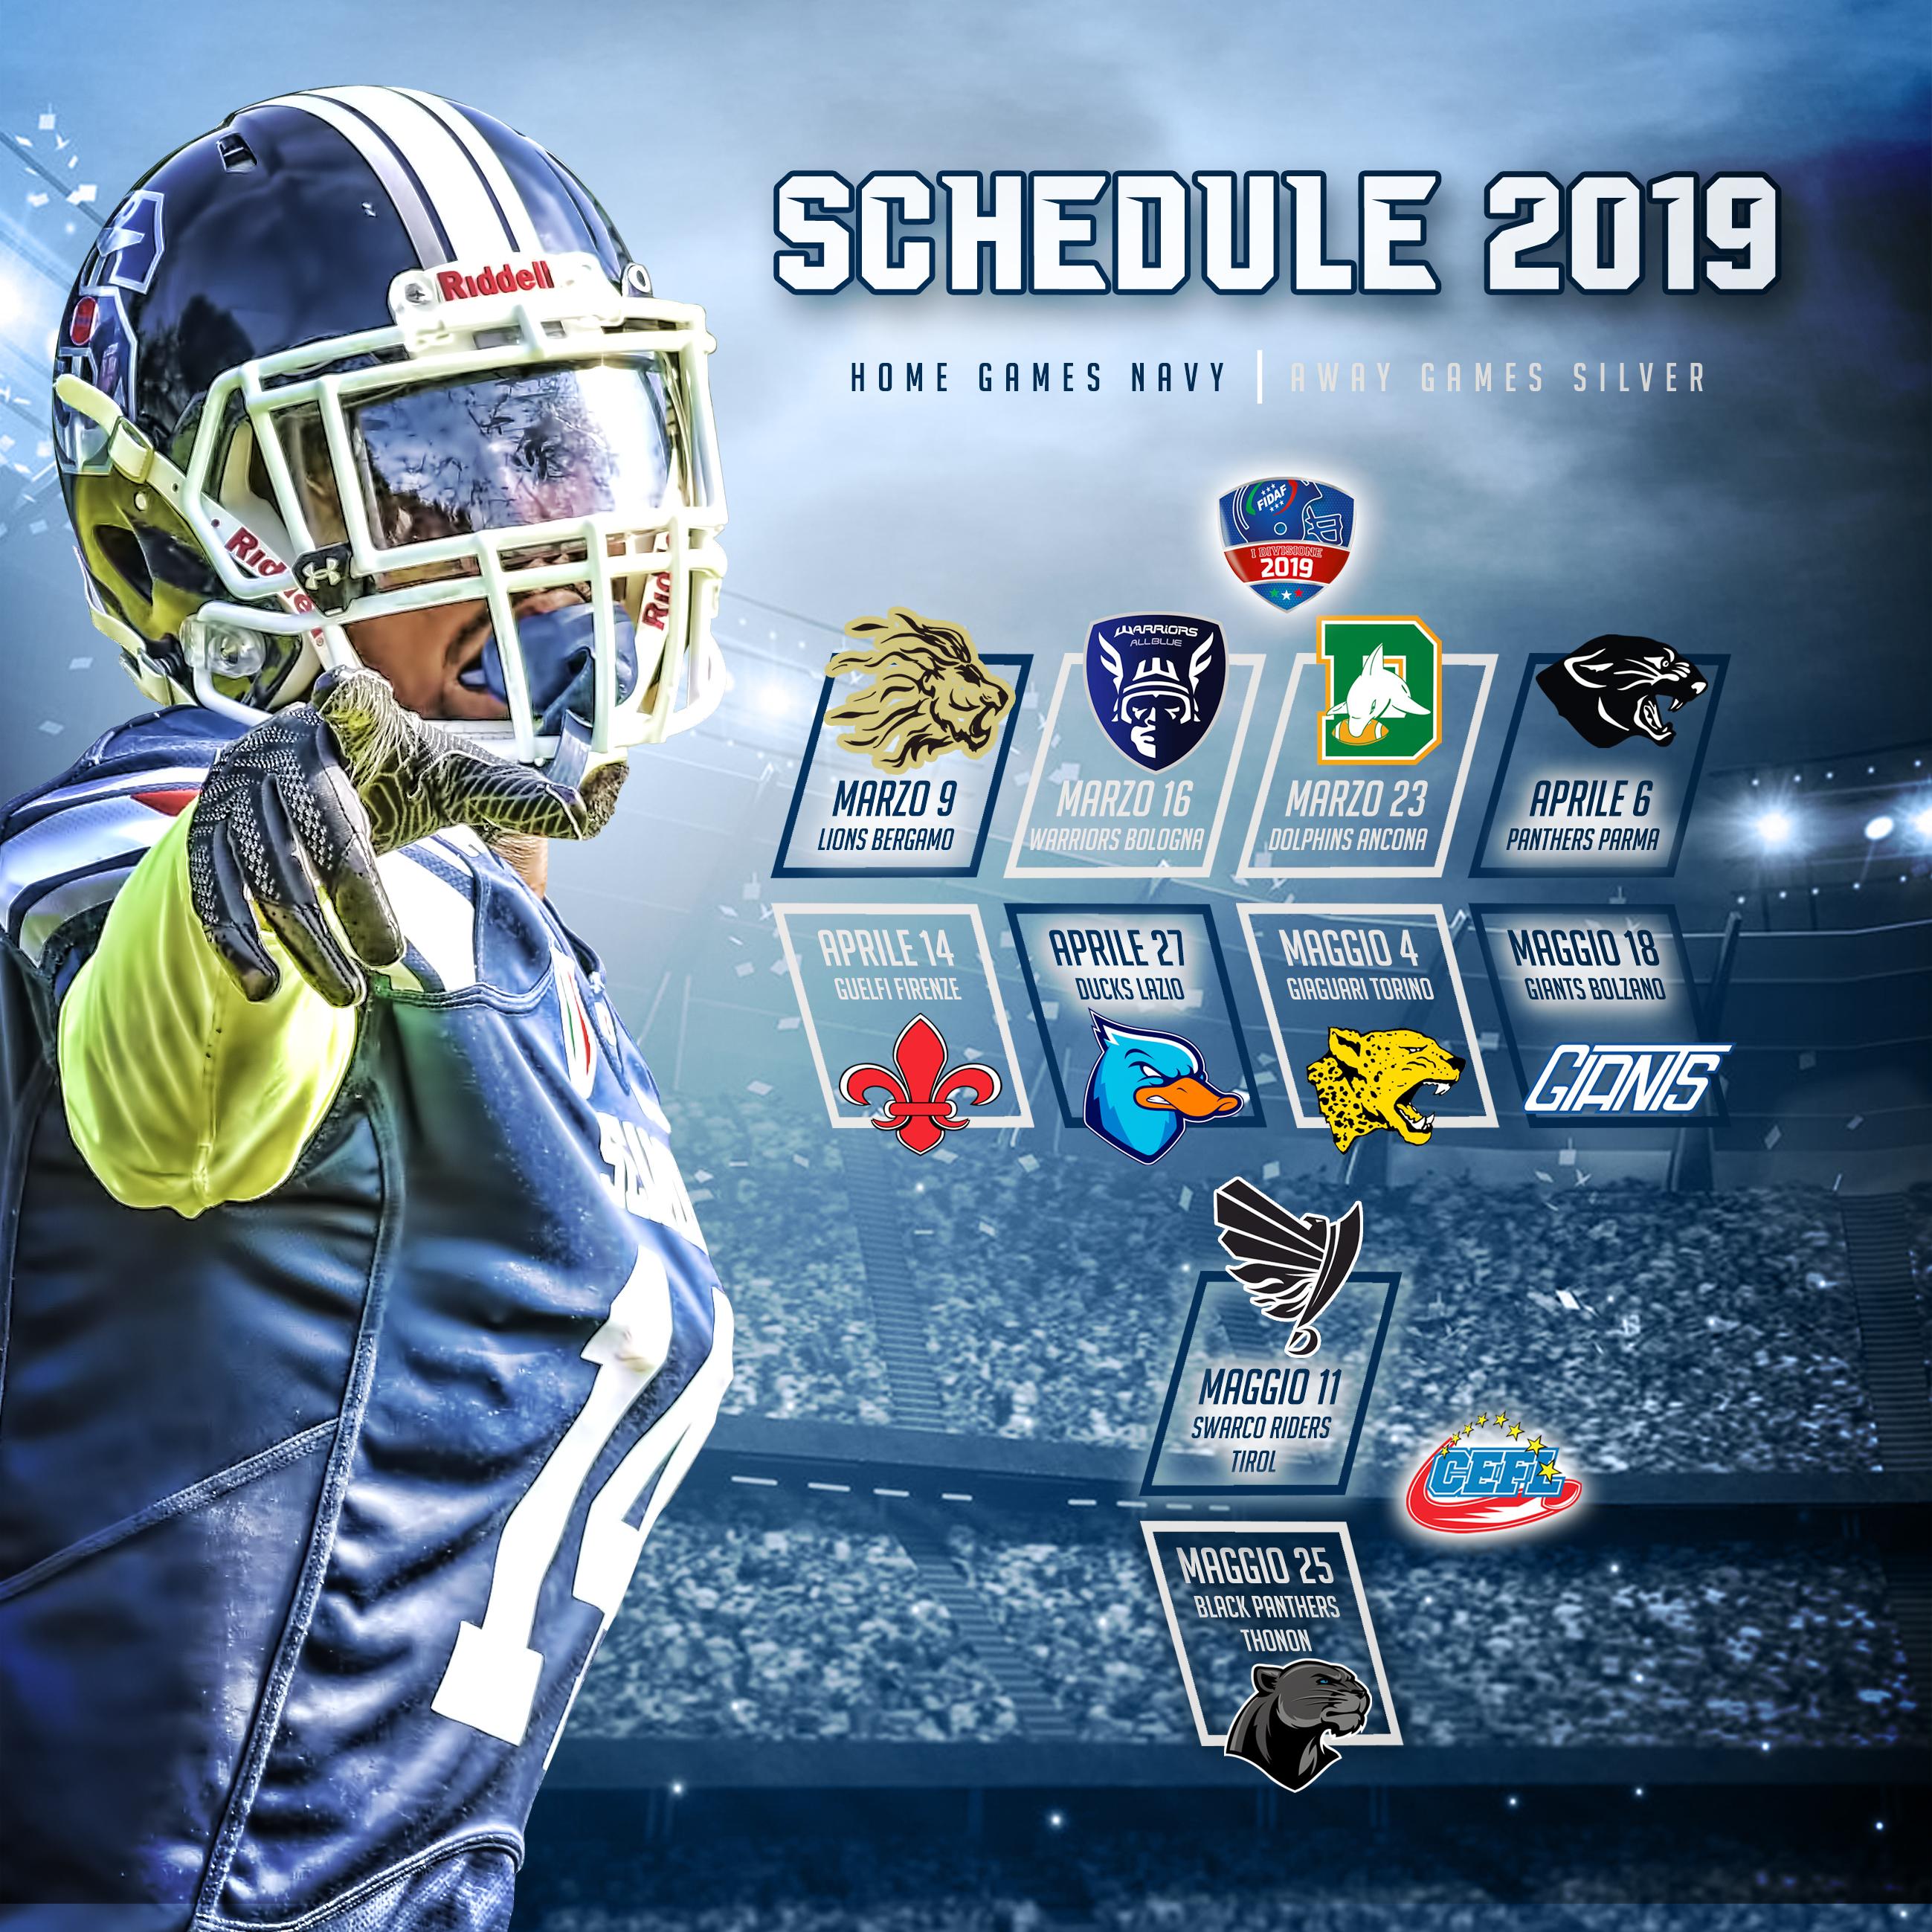 50 - Schedule 2019